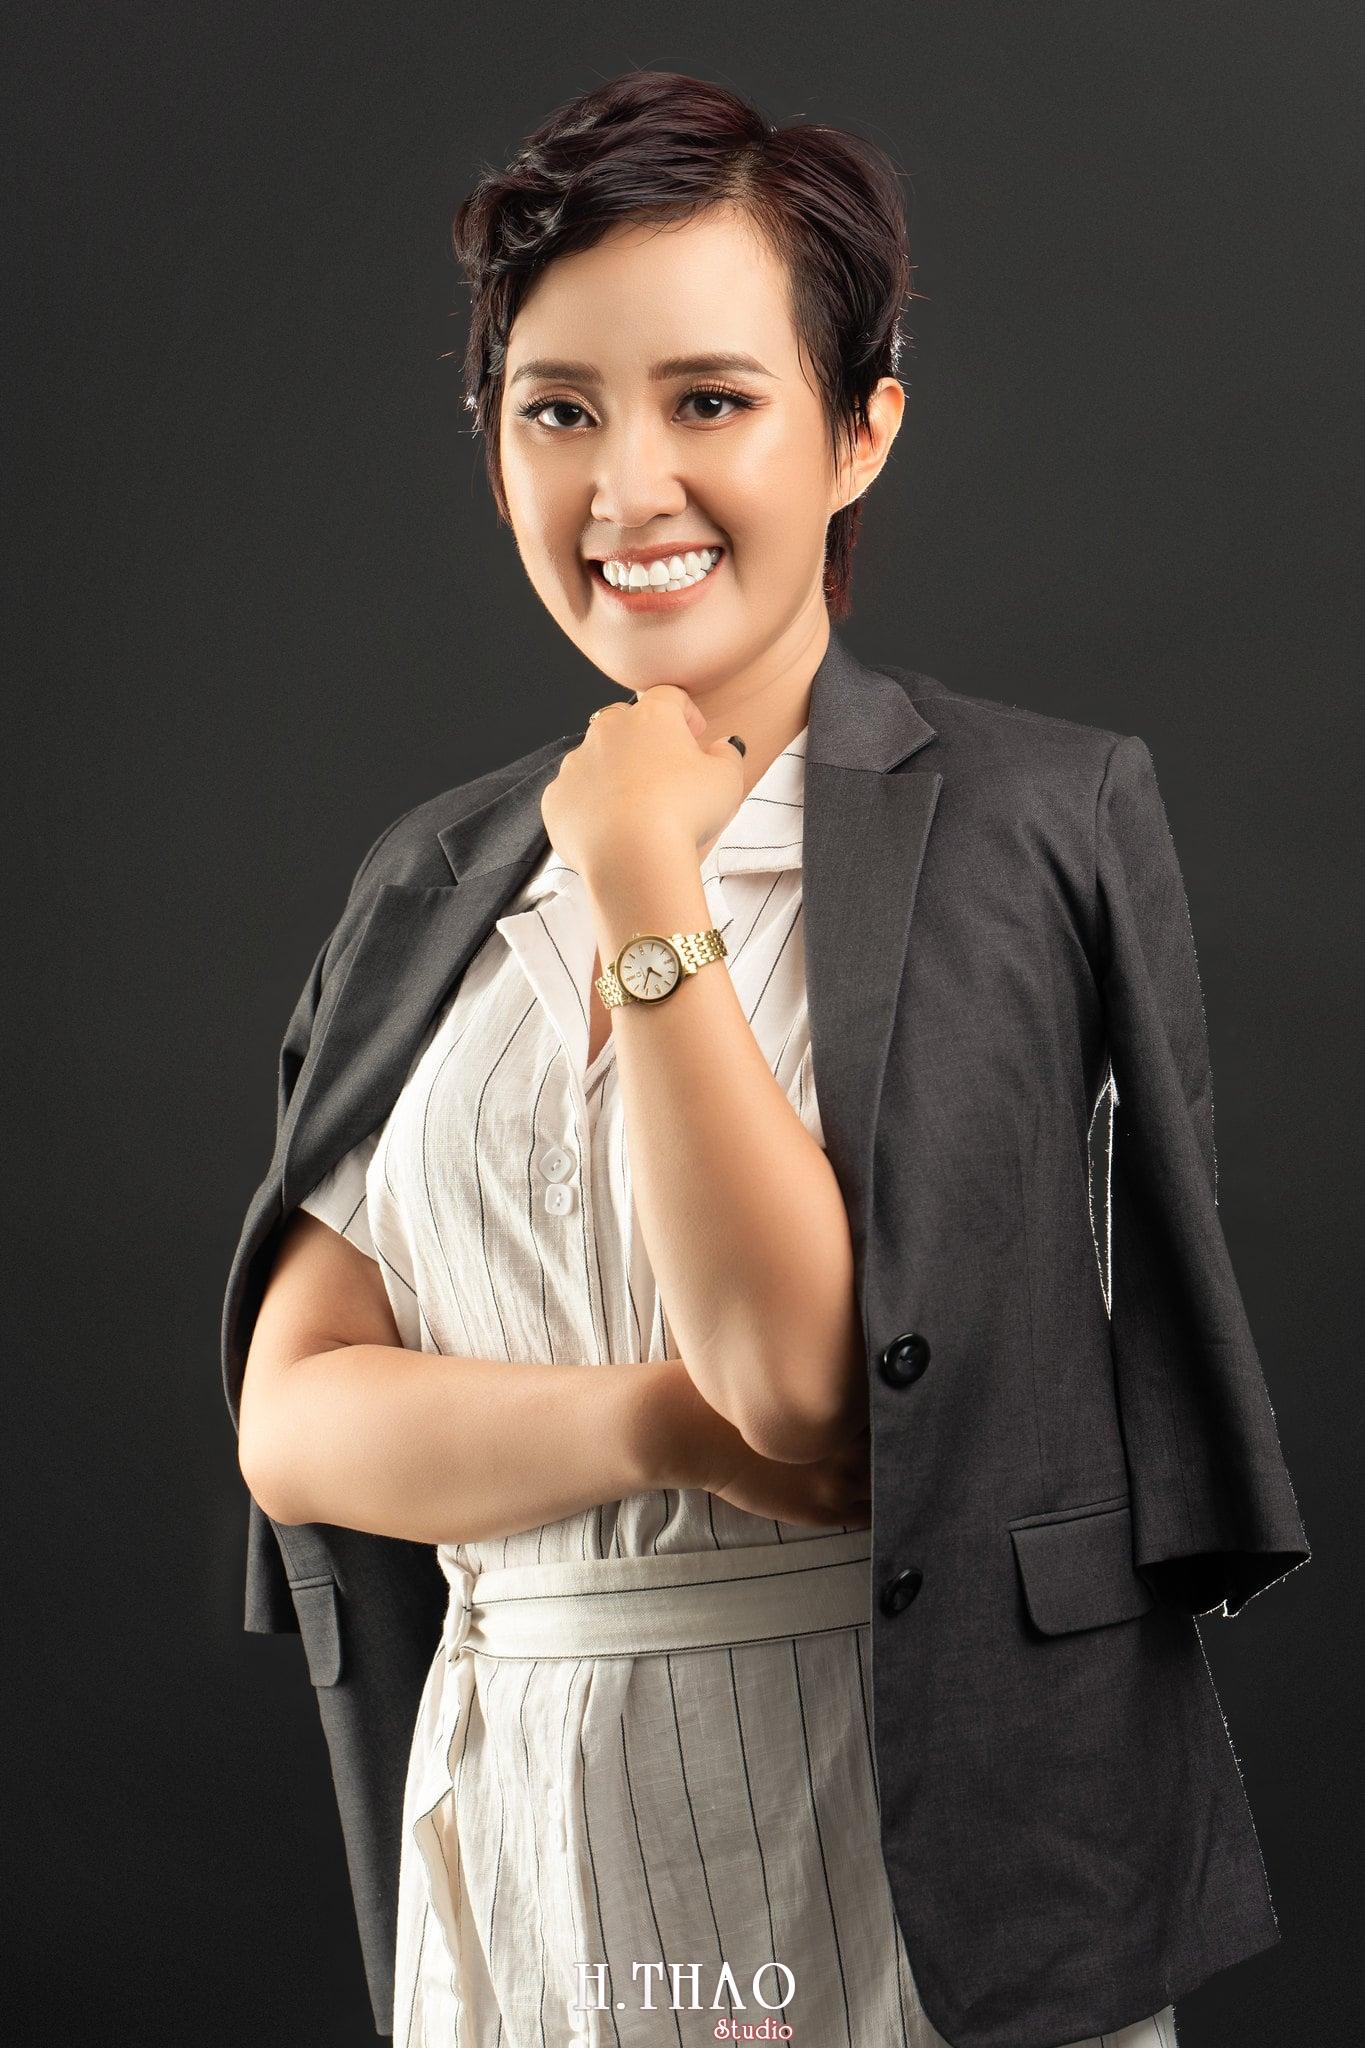 Chi Kim Chi 2 min - Album nữ doanh nhân cá tính Kim Chi nét đẹp lai tây - HThao Studio